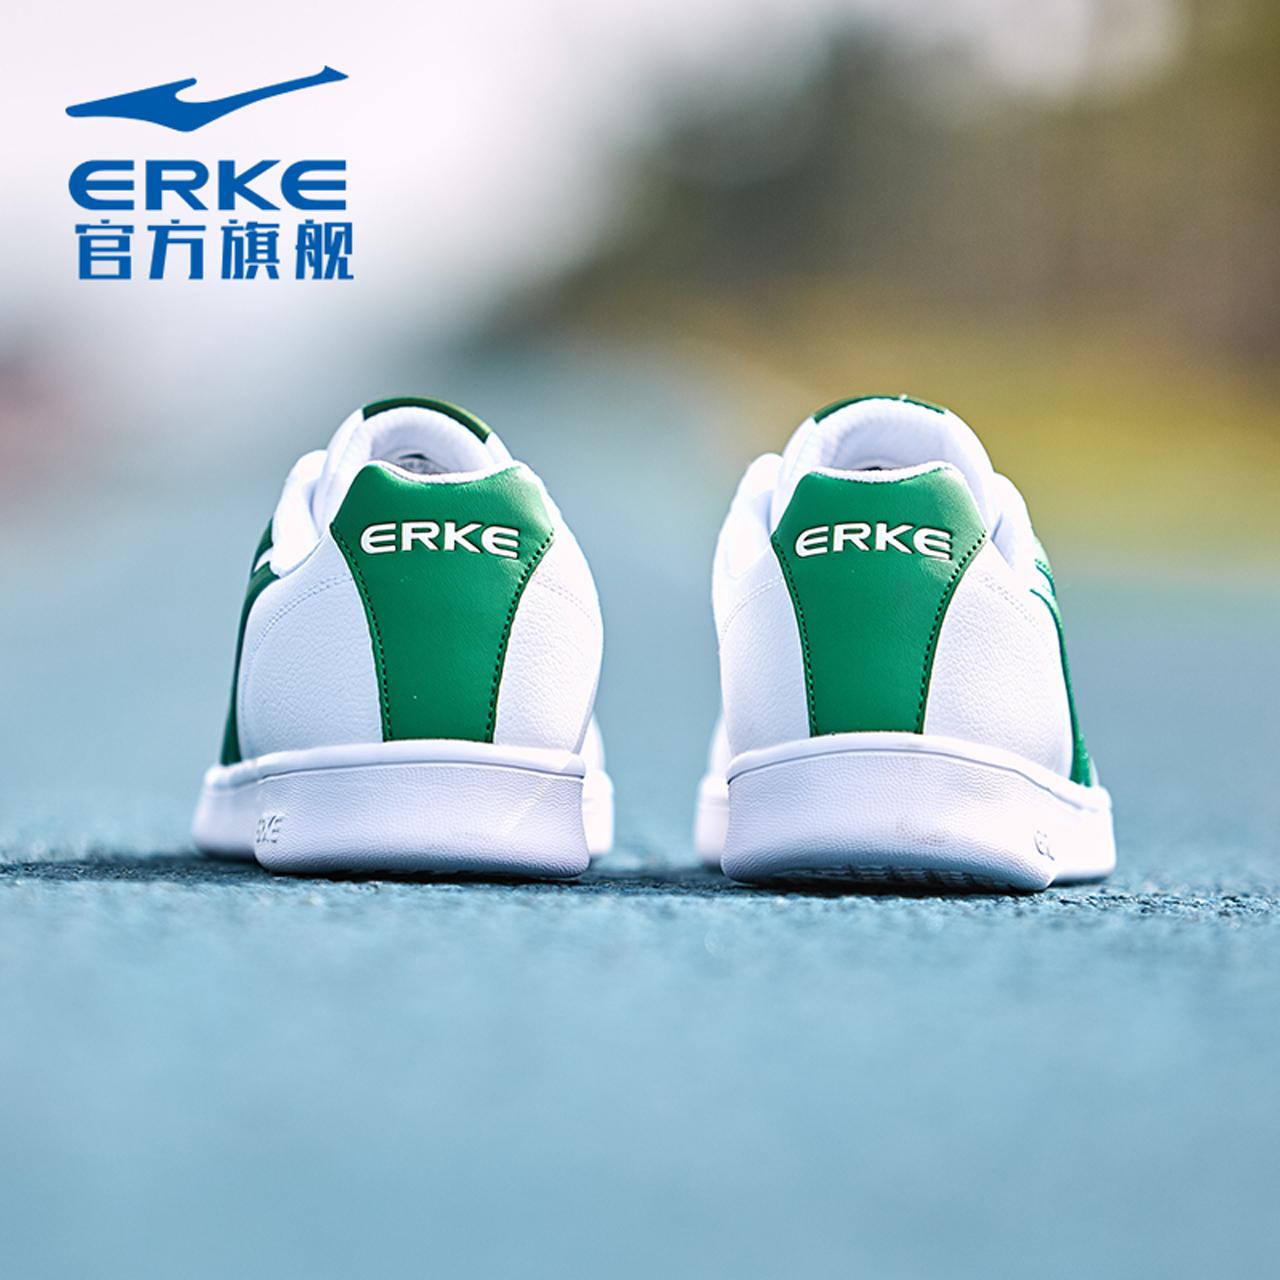 鸿星尔克情侣鞋板鞋男小白鞋女秋冬款鞋子运动鞋男鞋女鞋休闲鞋B